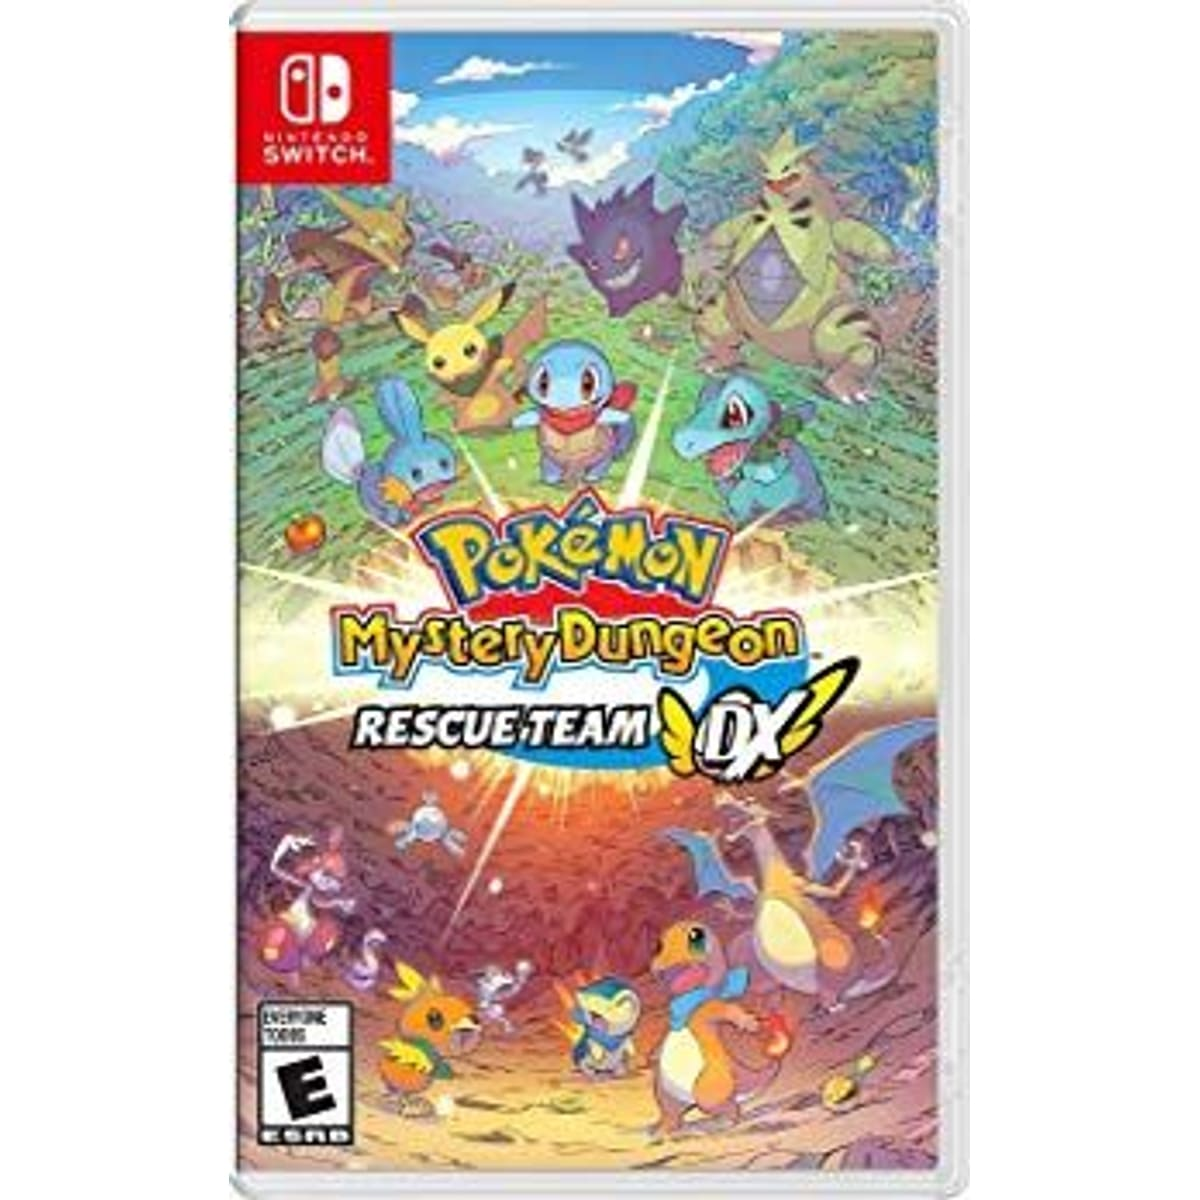 Nintendo Switch - Pokémon Mystery Dungeon: Retterteam DX